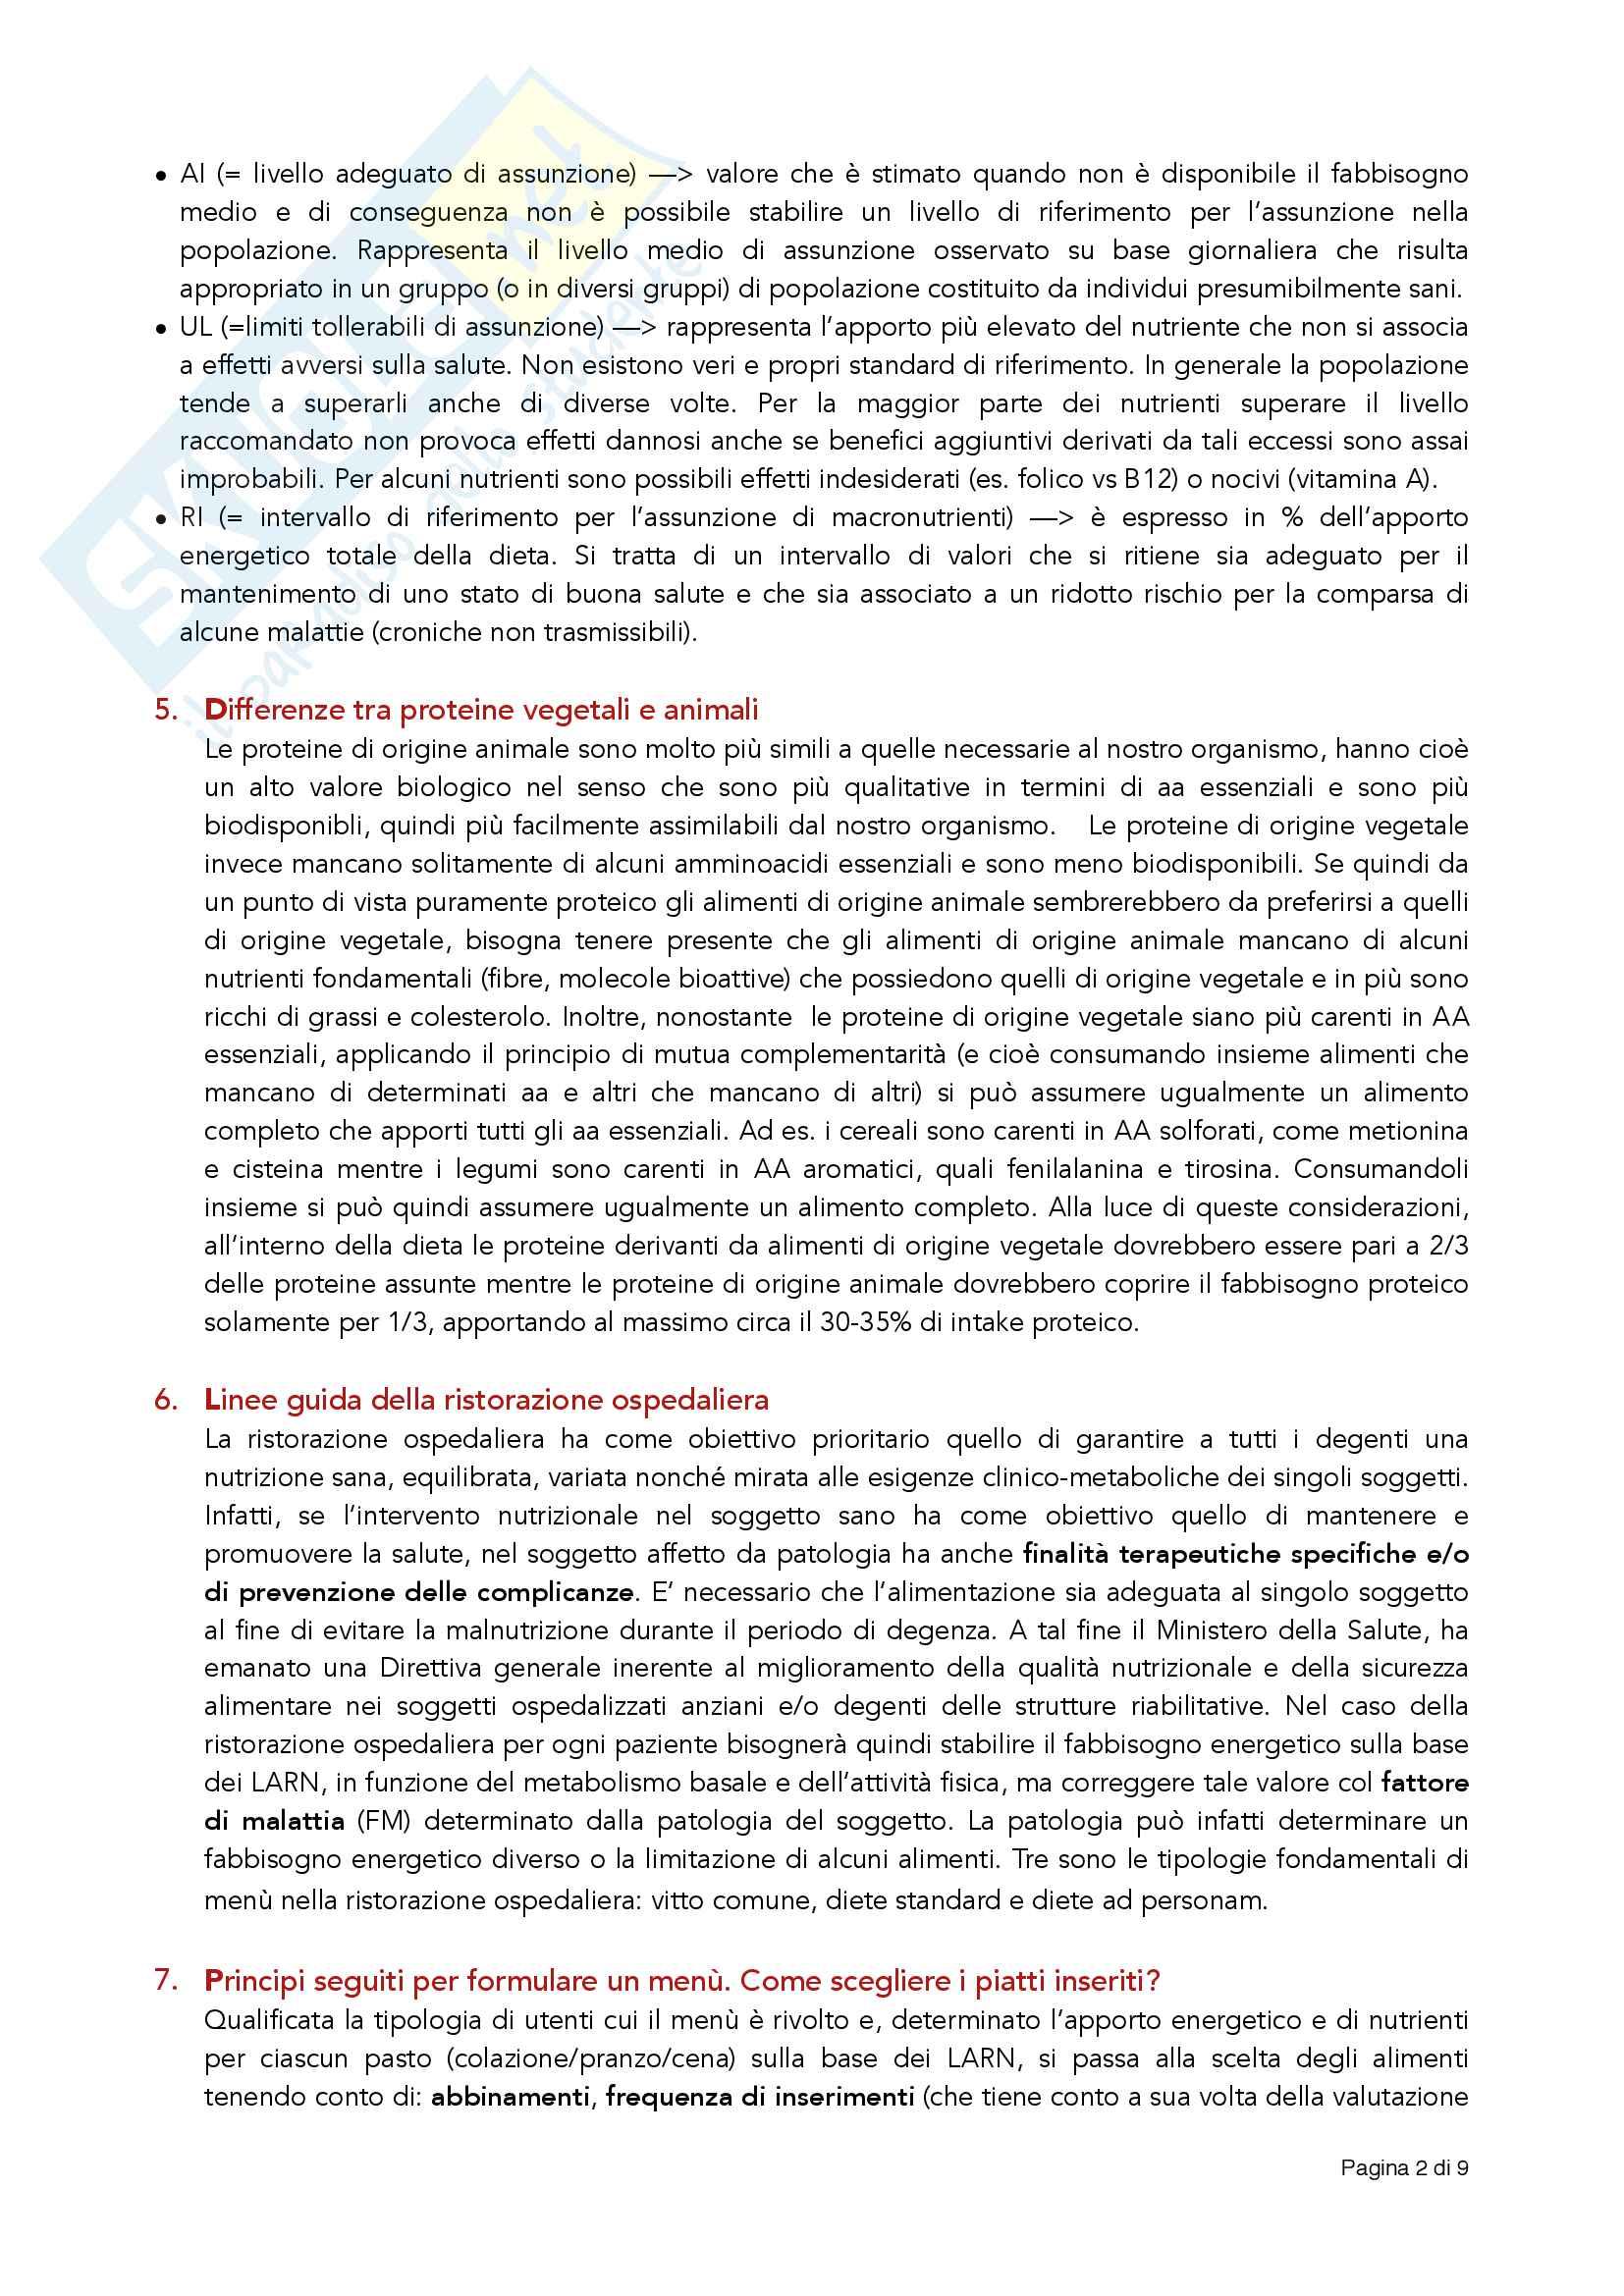 Principali domande (e risposte) date agli esami di nutrizione delle collettività Pag. 2